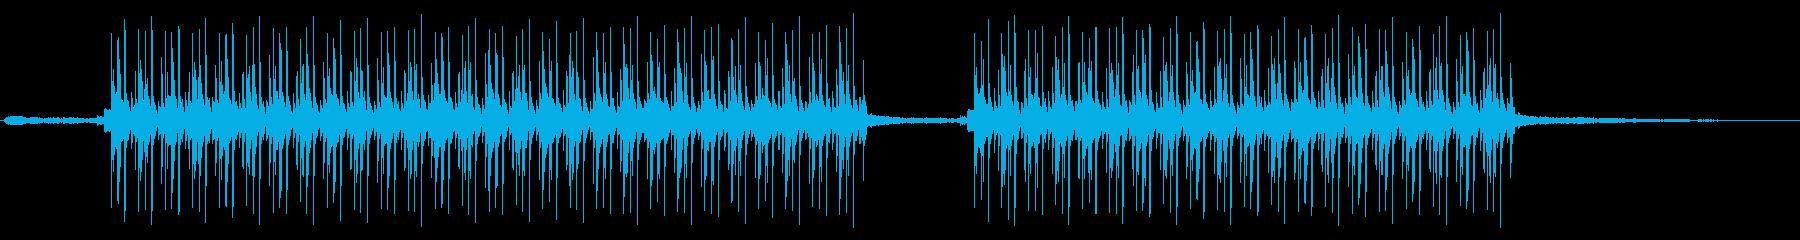 ヒップホップ楽器。反復的な溝。都市...の再生済みの波形